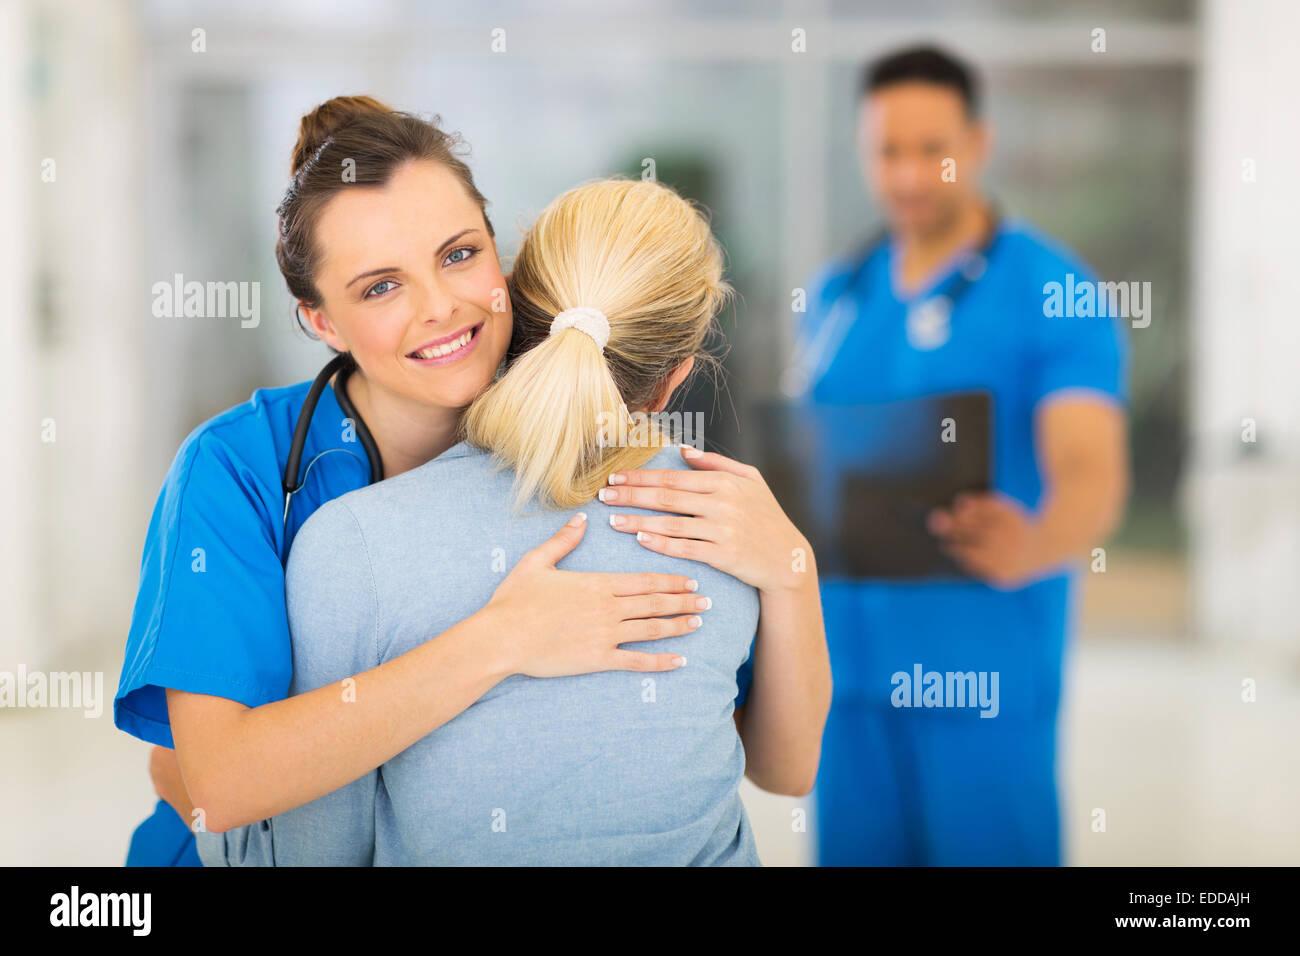 Nurse Hugging Patient Stockfotos und -bilder Kaufen - Alamy